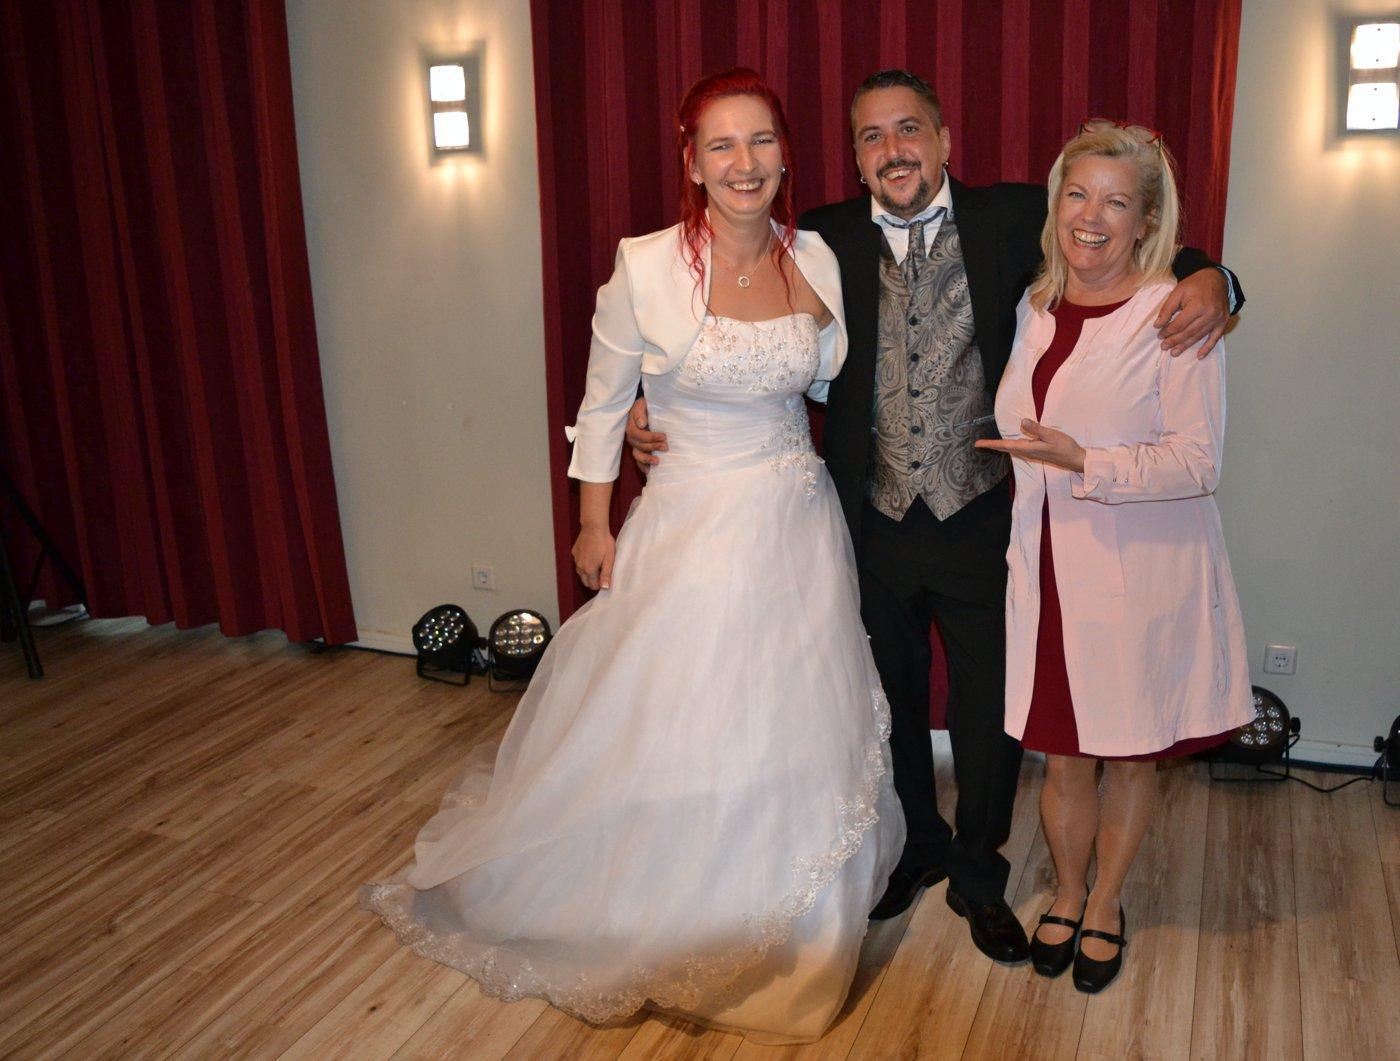 Hochzeitsrednerin Petra-Maria Popp gemeinsam mit dem Brautpaar Antje und Ronny